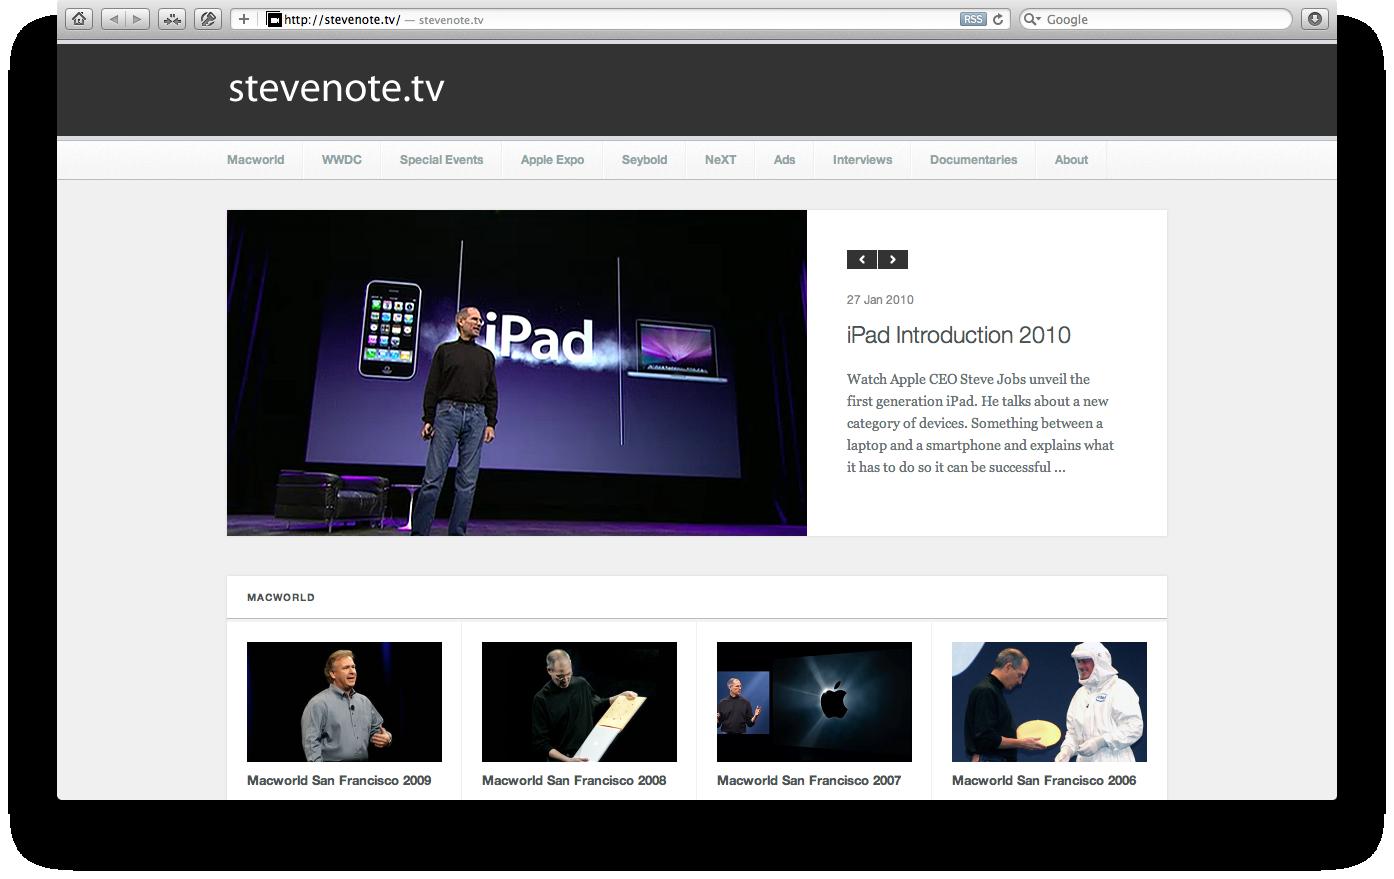 stevenote.tv